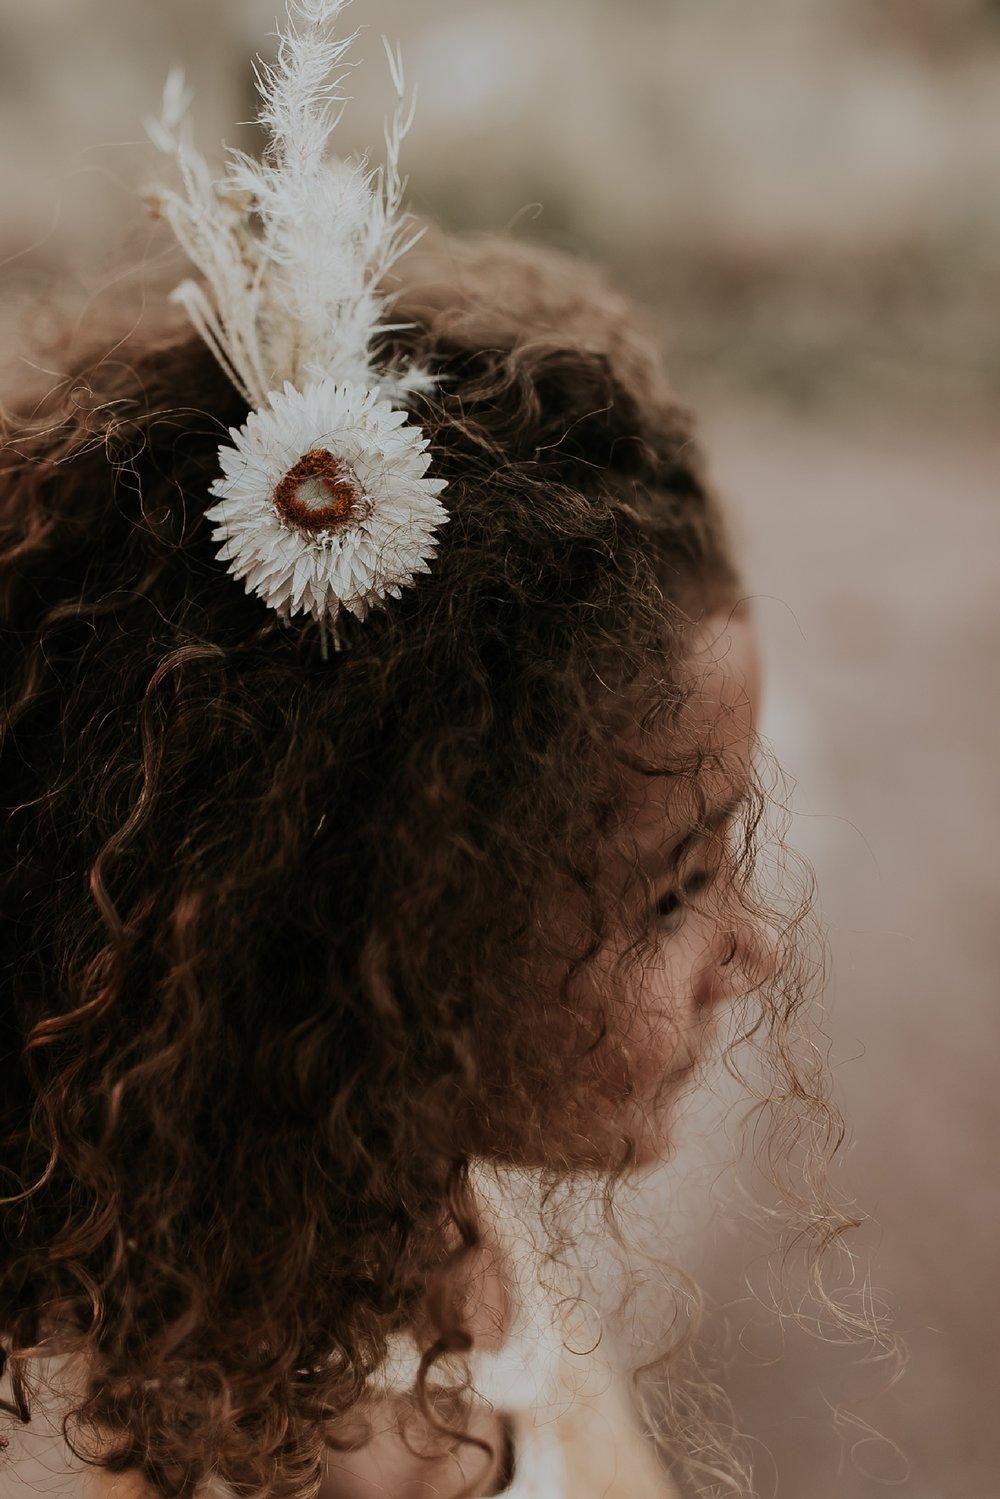 Alicia+lucia+photography+-+albuquerque+wedding+photographer+-+santa+fe+wedding+photography+-+new+mexico+wedding+photographer+-+new+mexico+wedding+-+santa+fe+wedding+-+albuquerque+wedding+-+wedding+florist+-+new+mexico+wedding+florist_0035.jpg